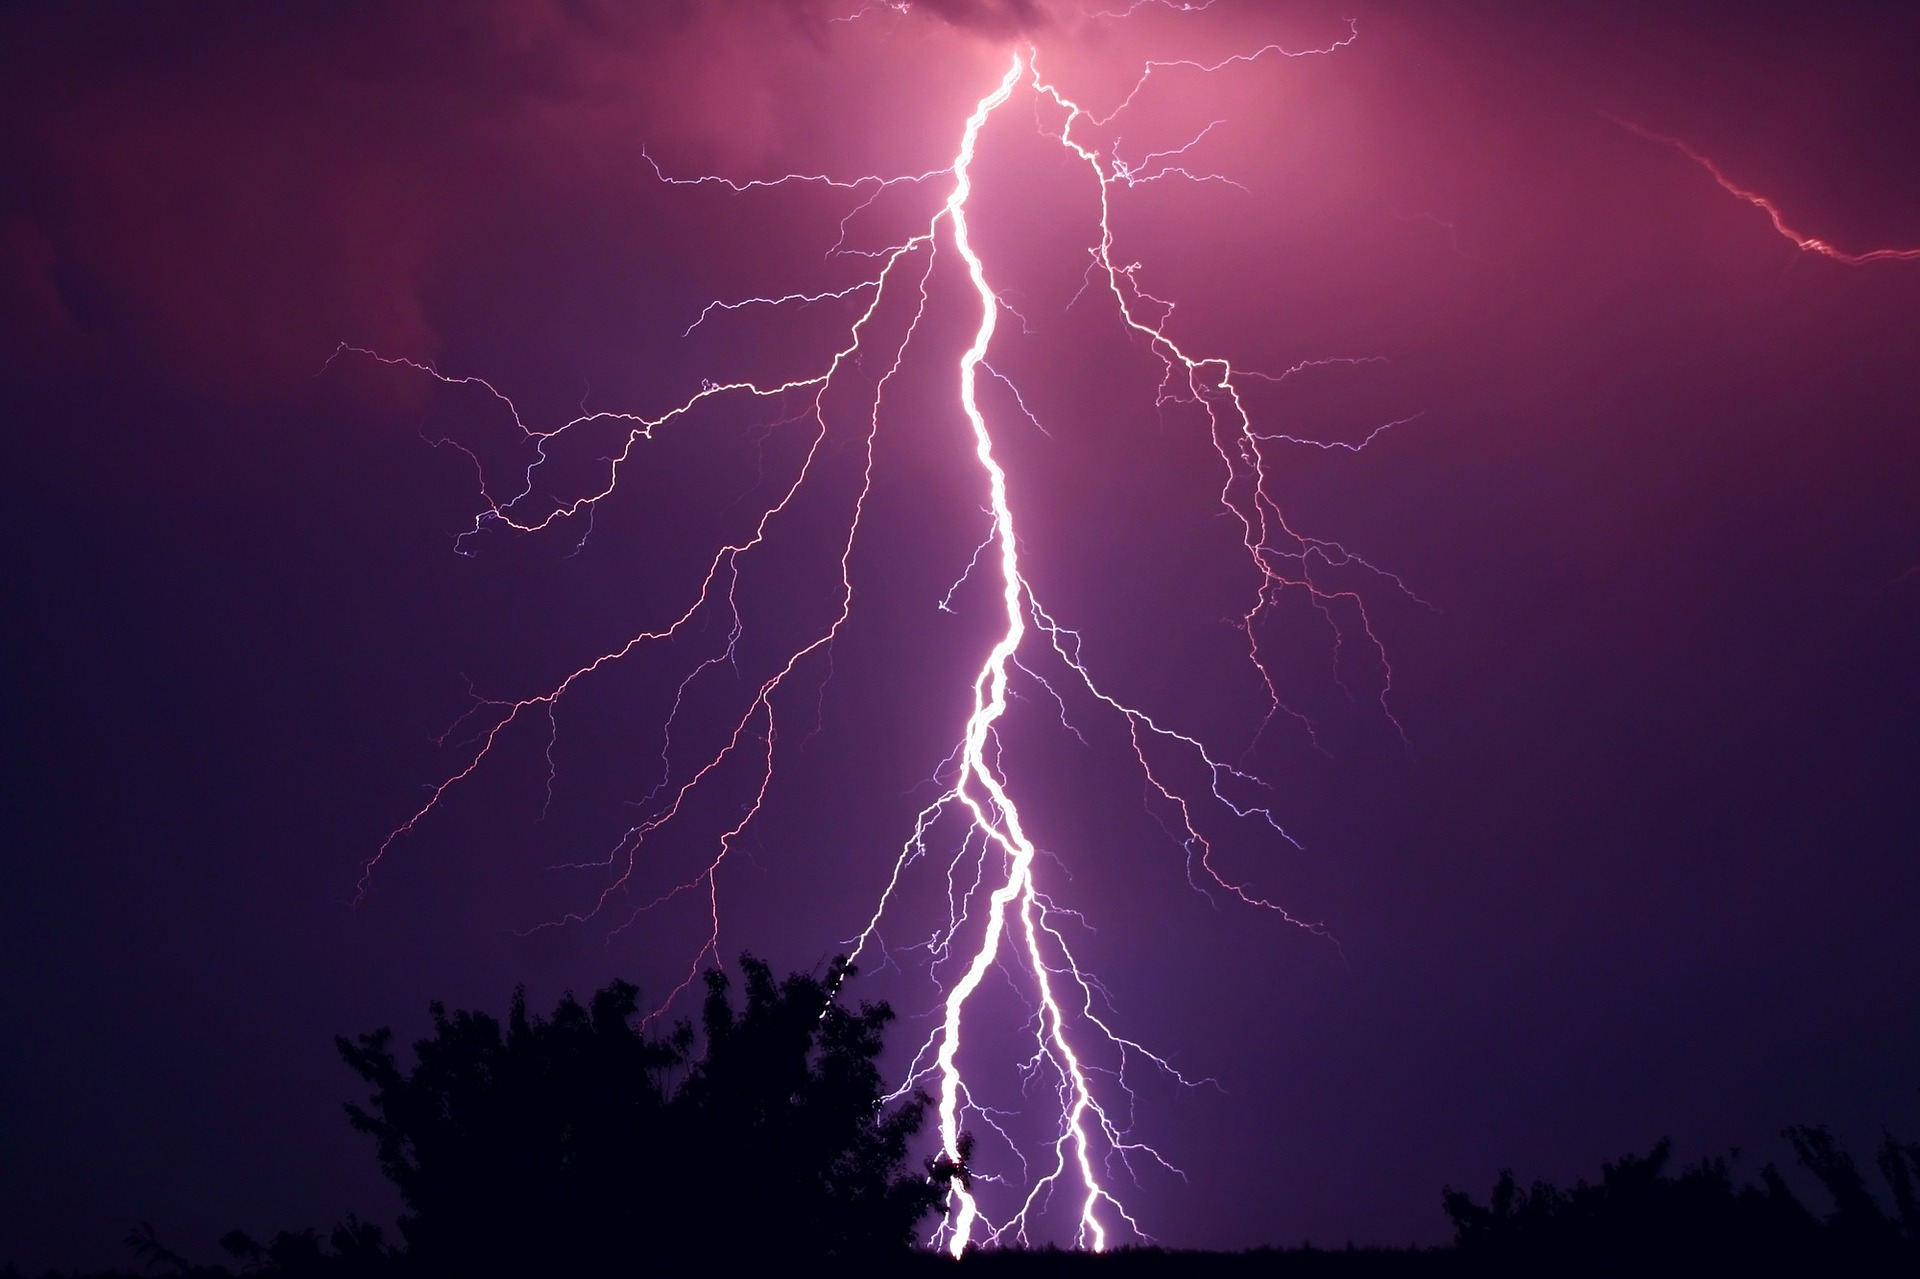 thunder-953118_1920.jpg